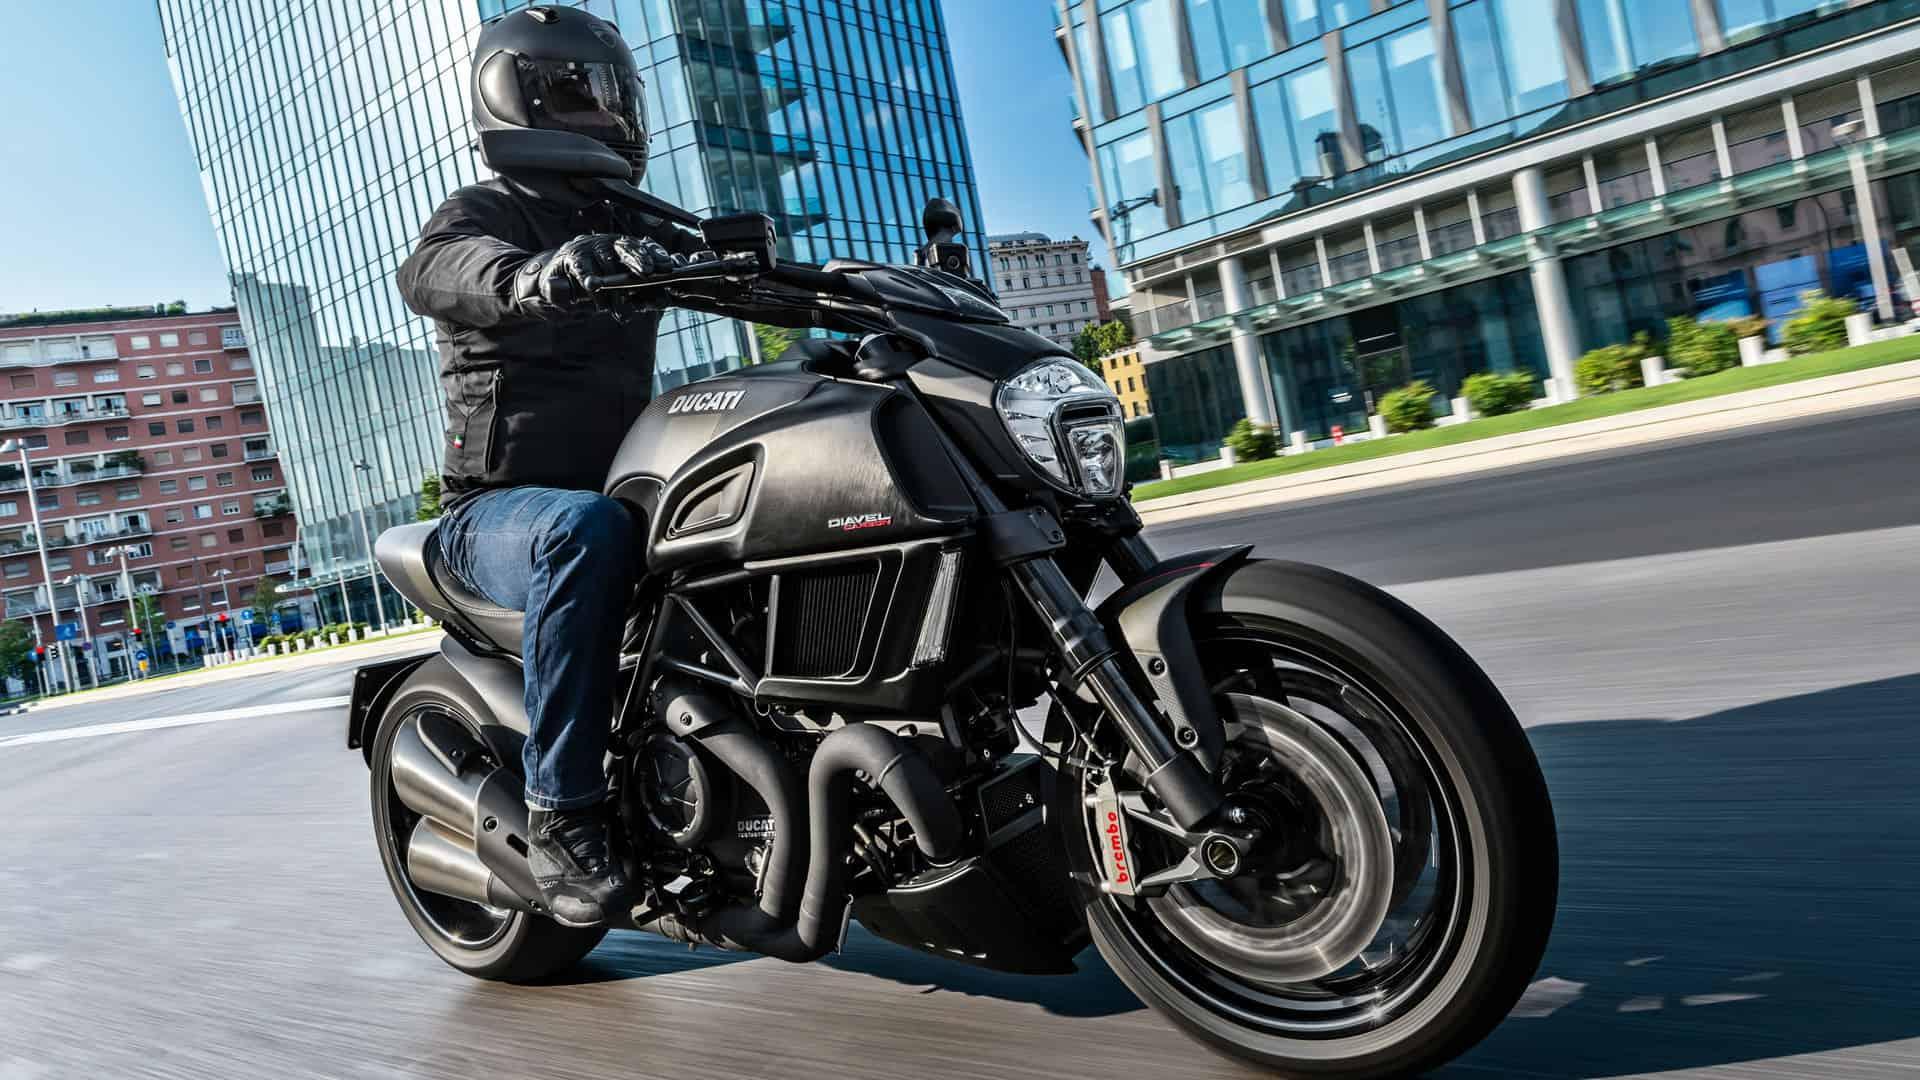 Ducati Diavel bike